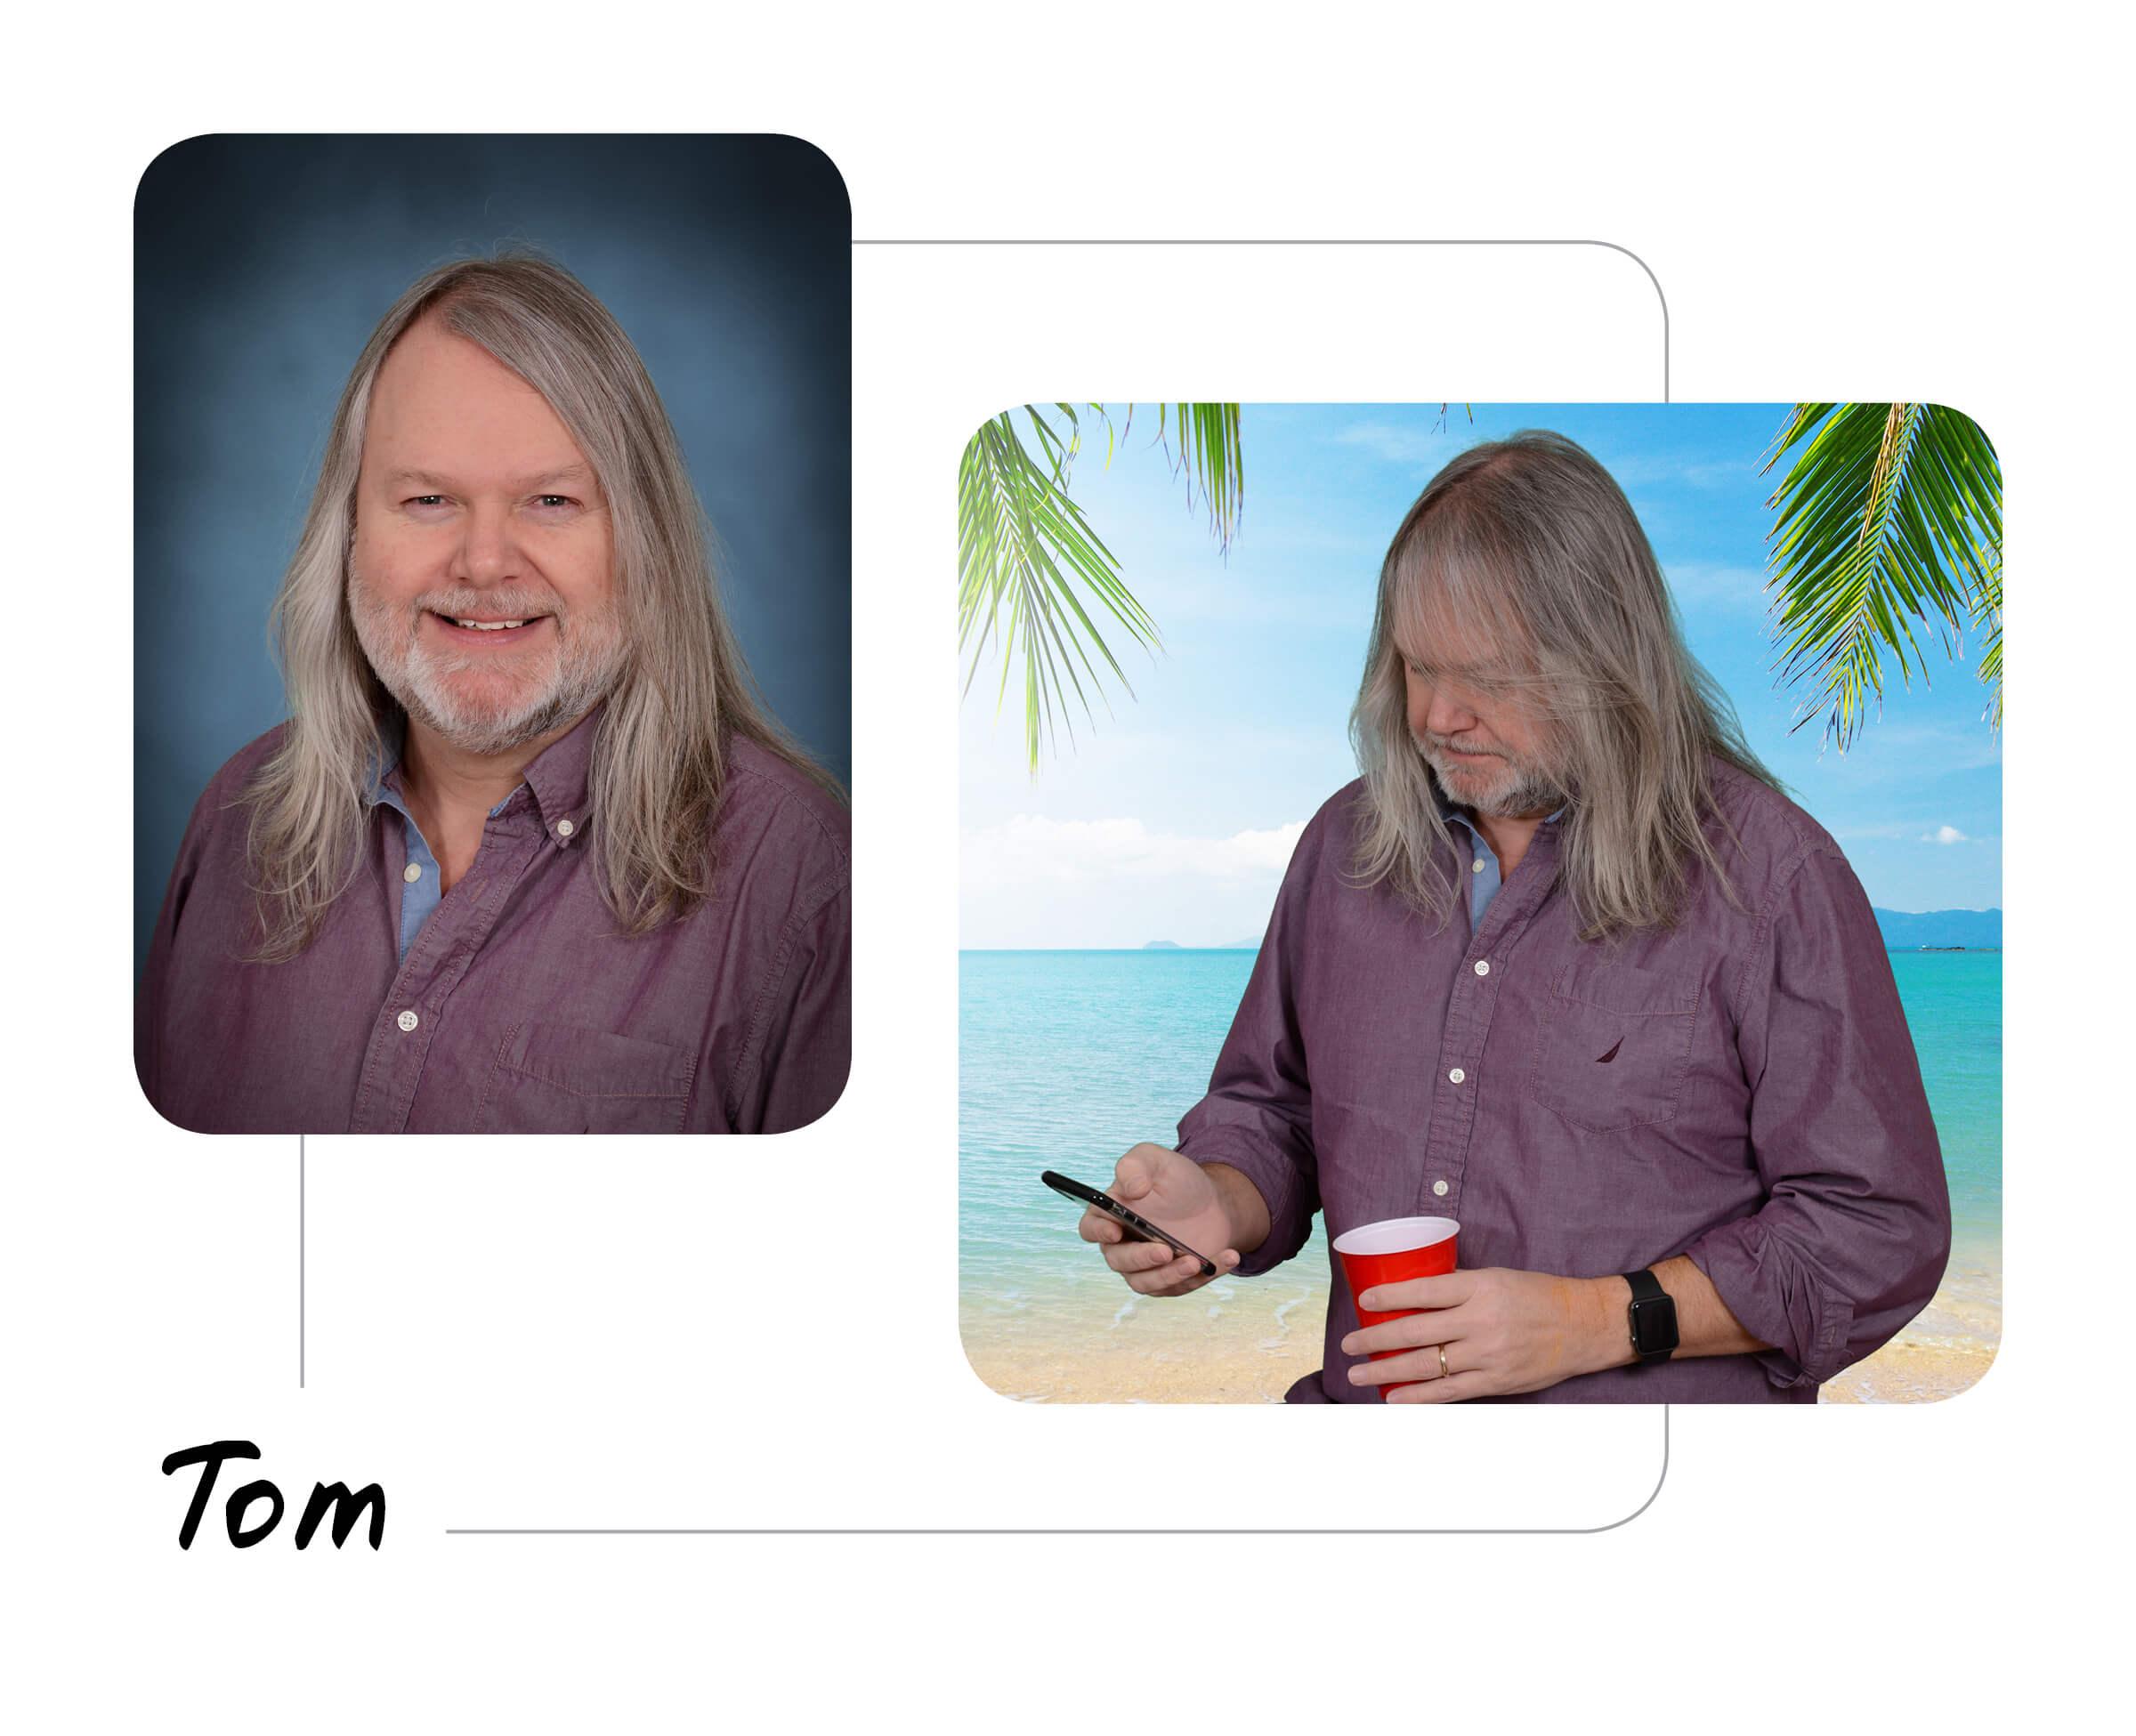 Tom-no BIO